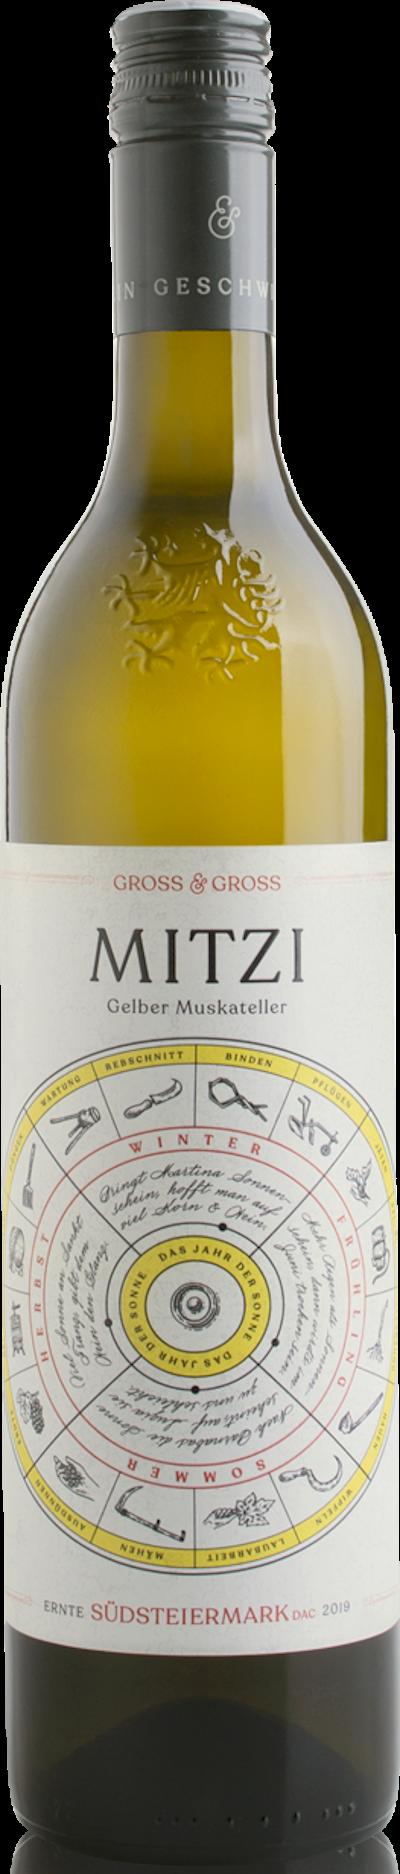 Gross & Gross - Gelber Muskateller Mitzi Südsteiermark DAC